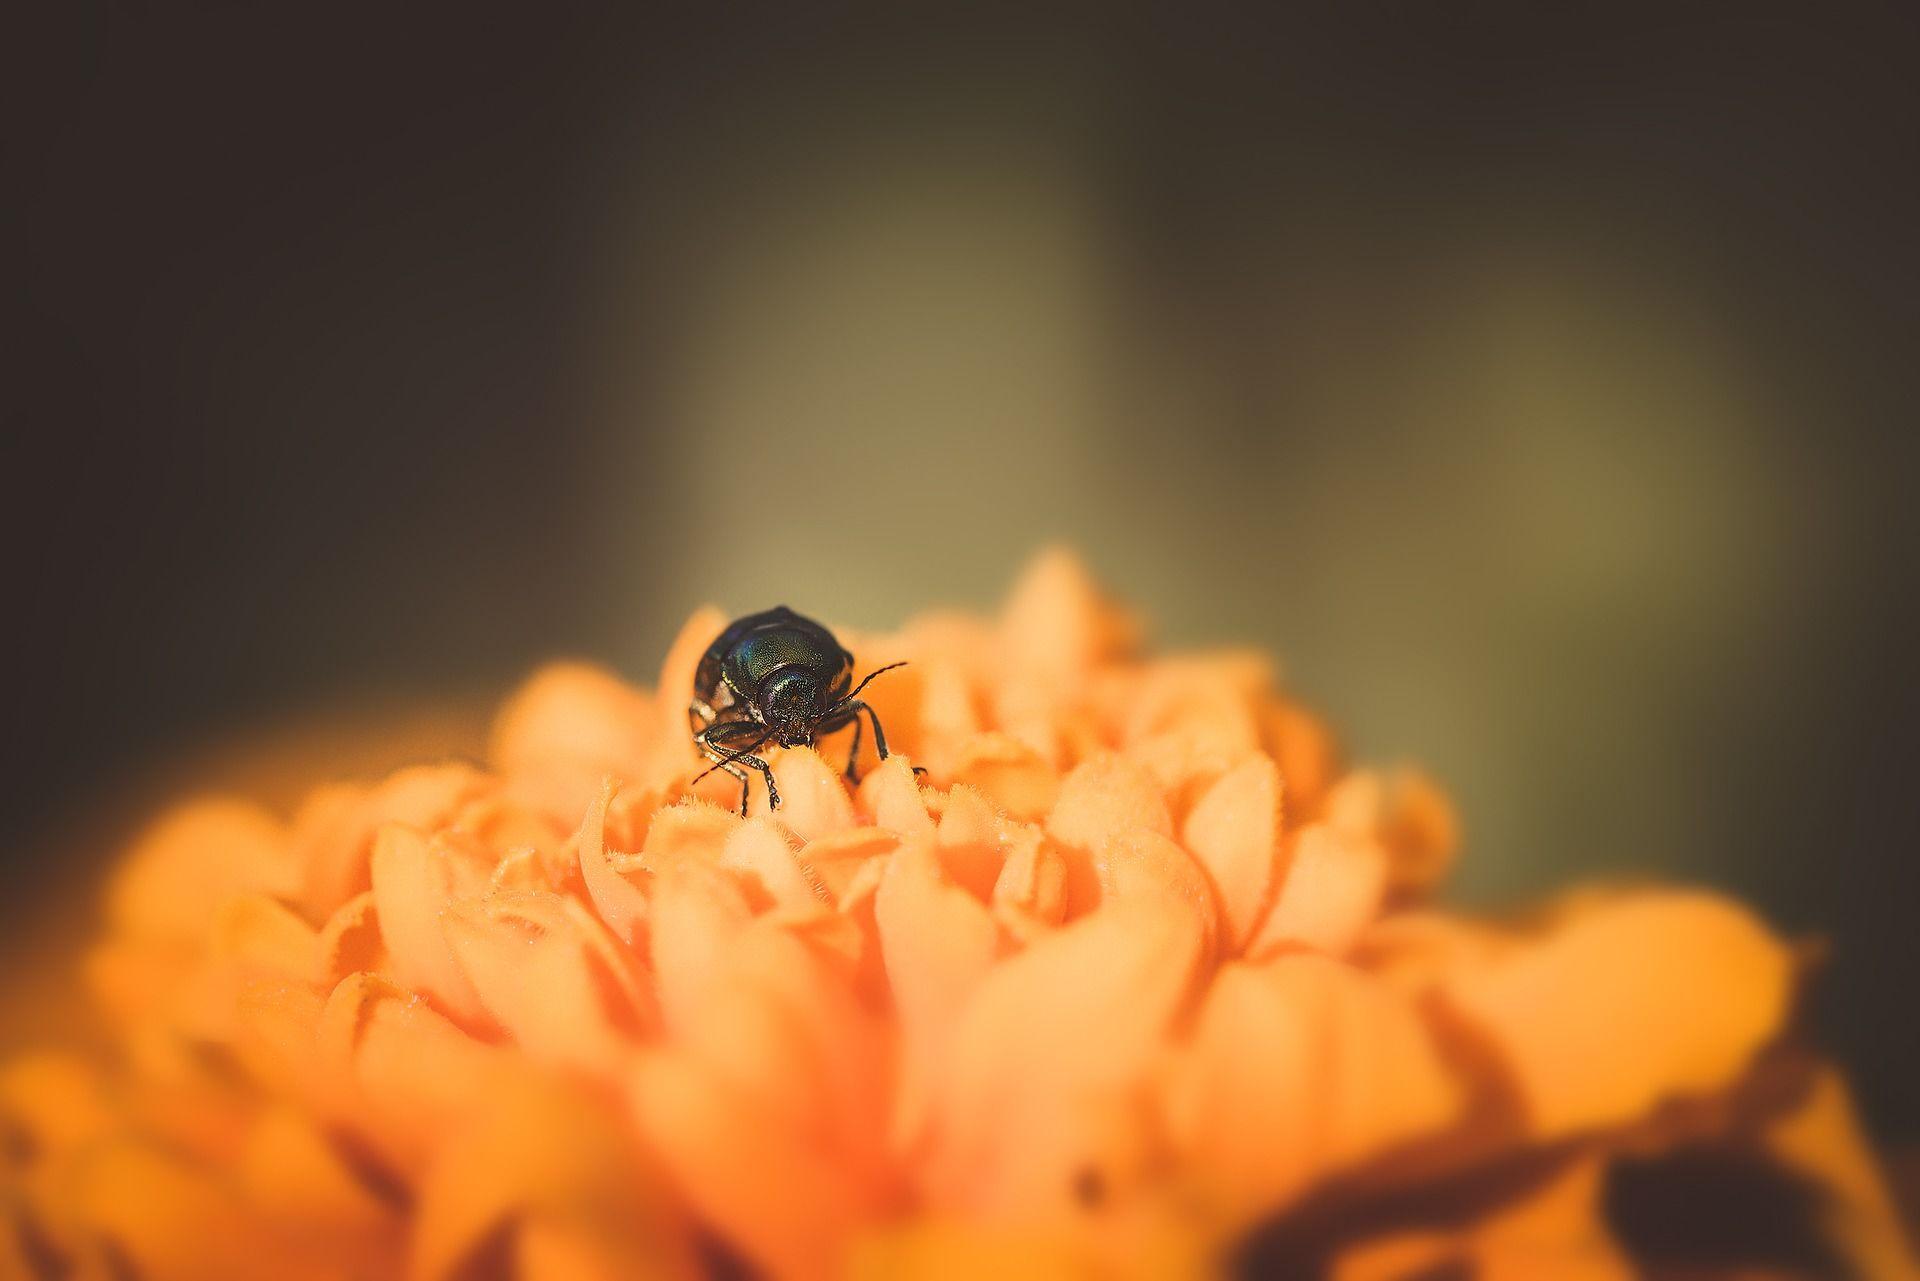 Смотреть красивую картинку большого синего жука бесплатно